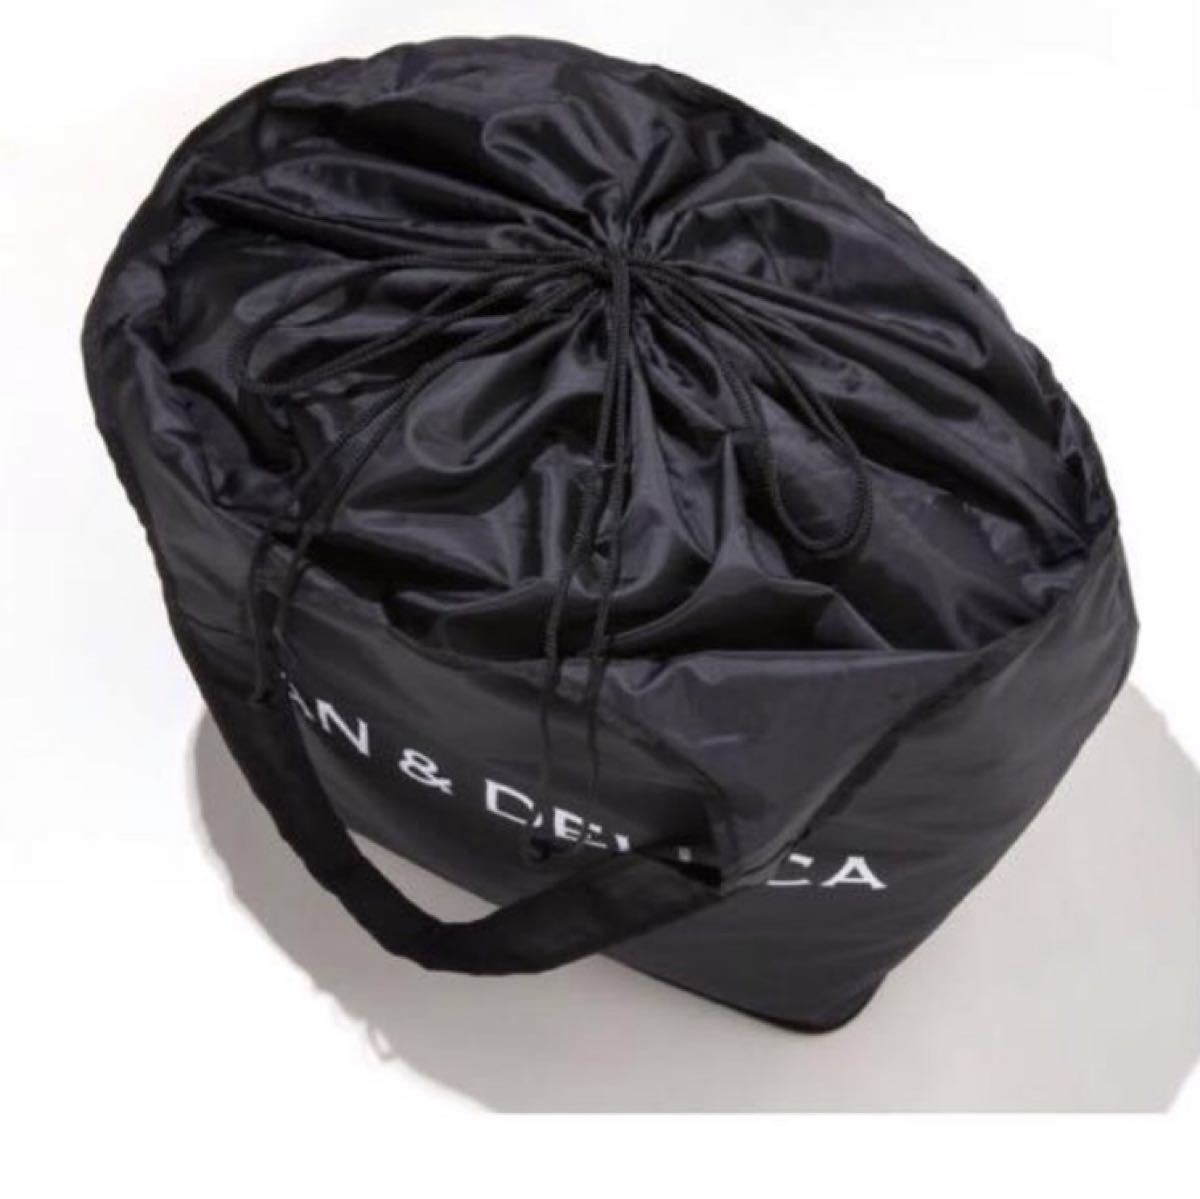 DEAN&DELUCA レジカゴバッグ 保冷ボトルケース ディーン&デルーカ エコバッグ